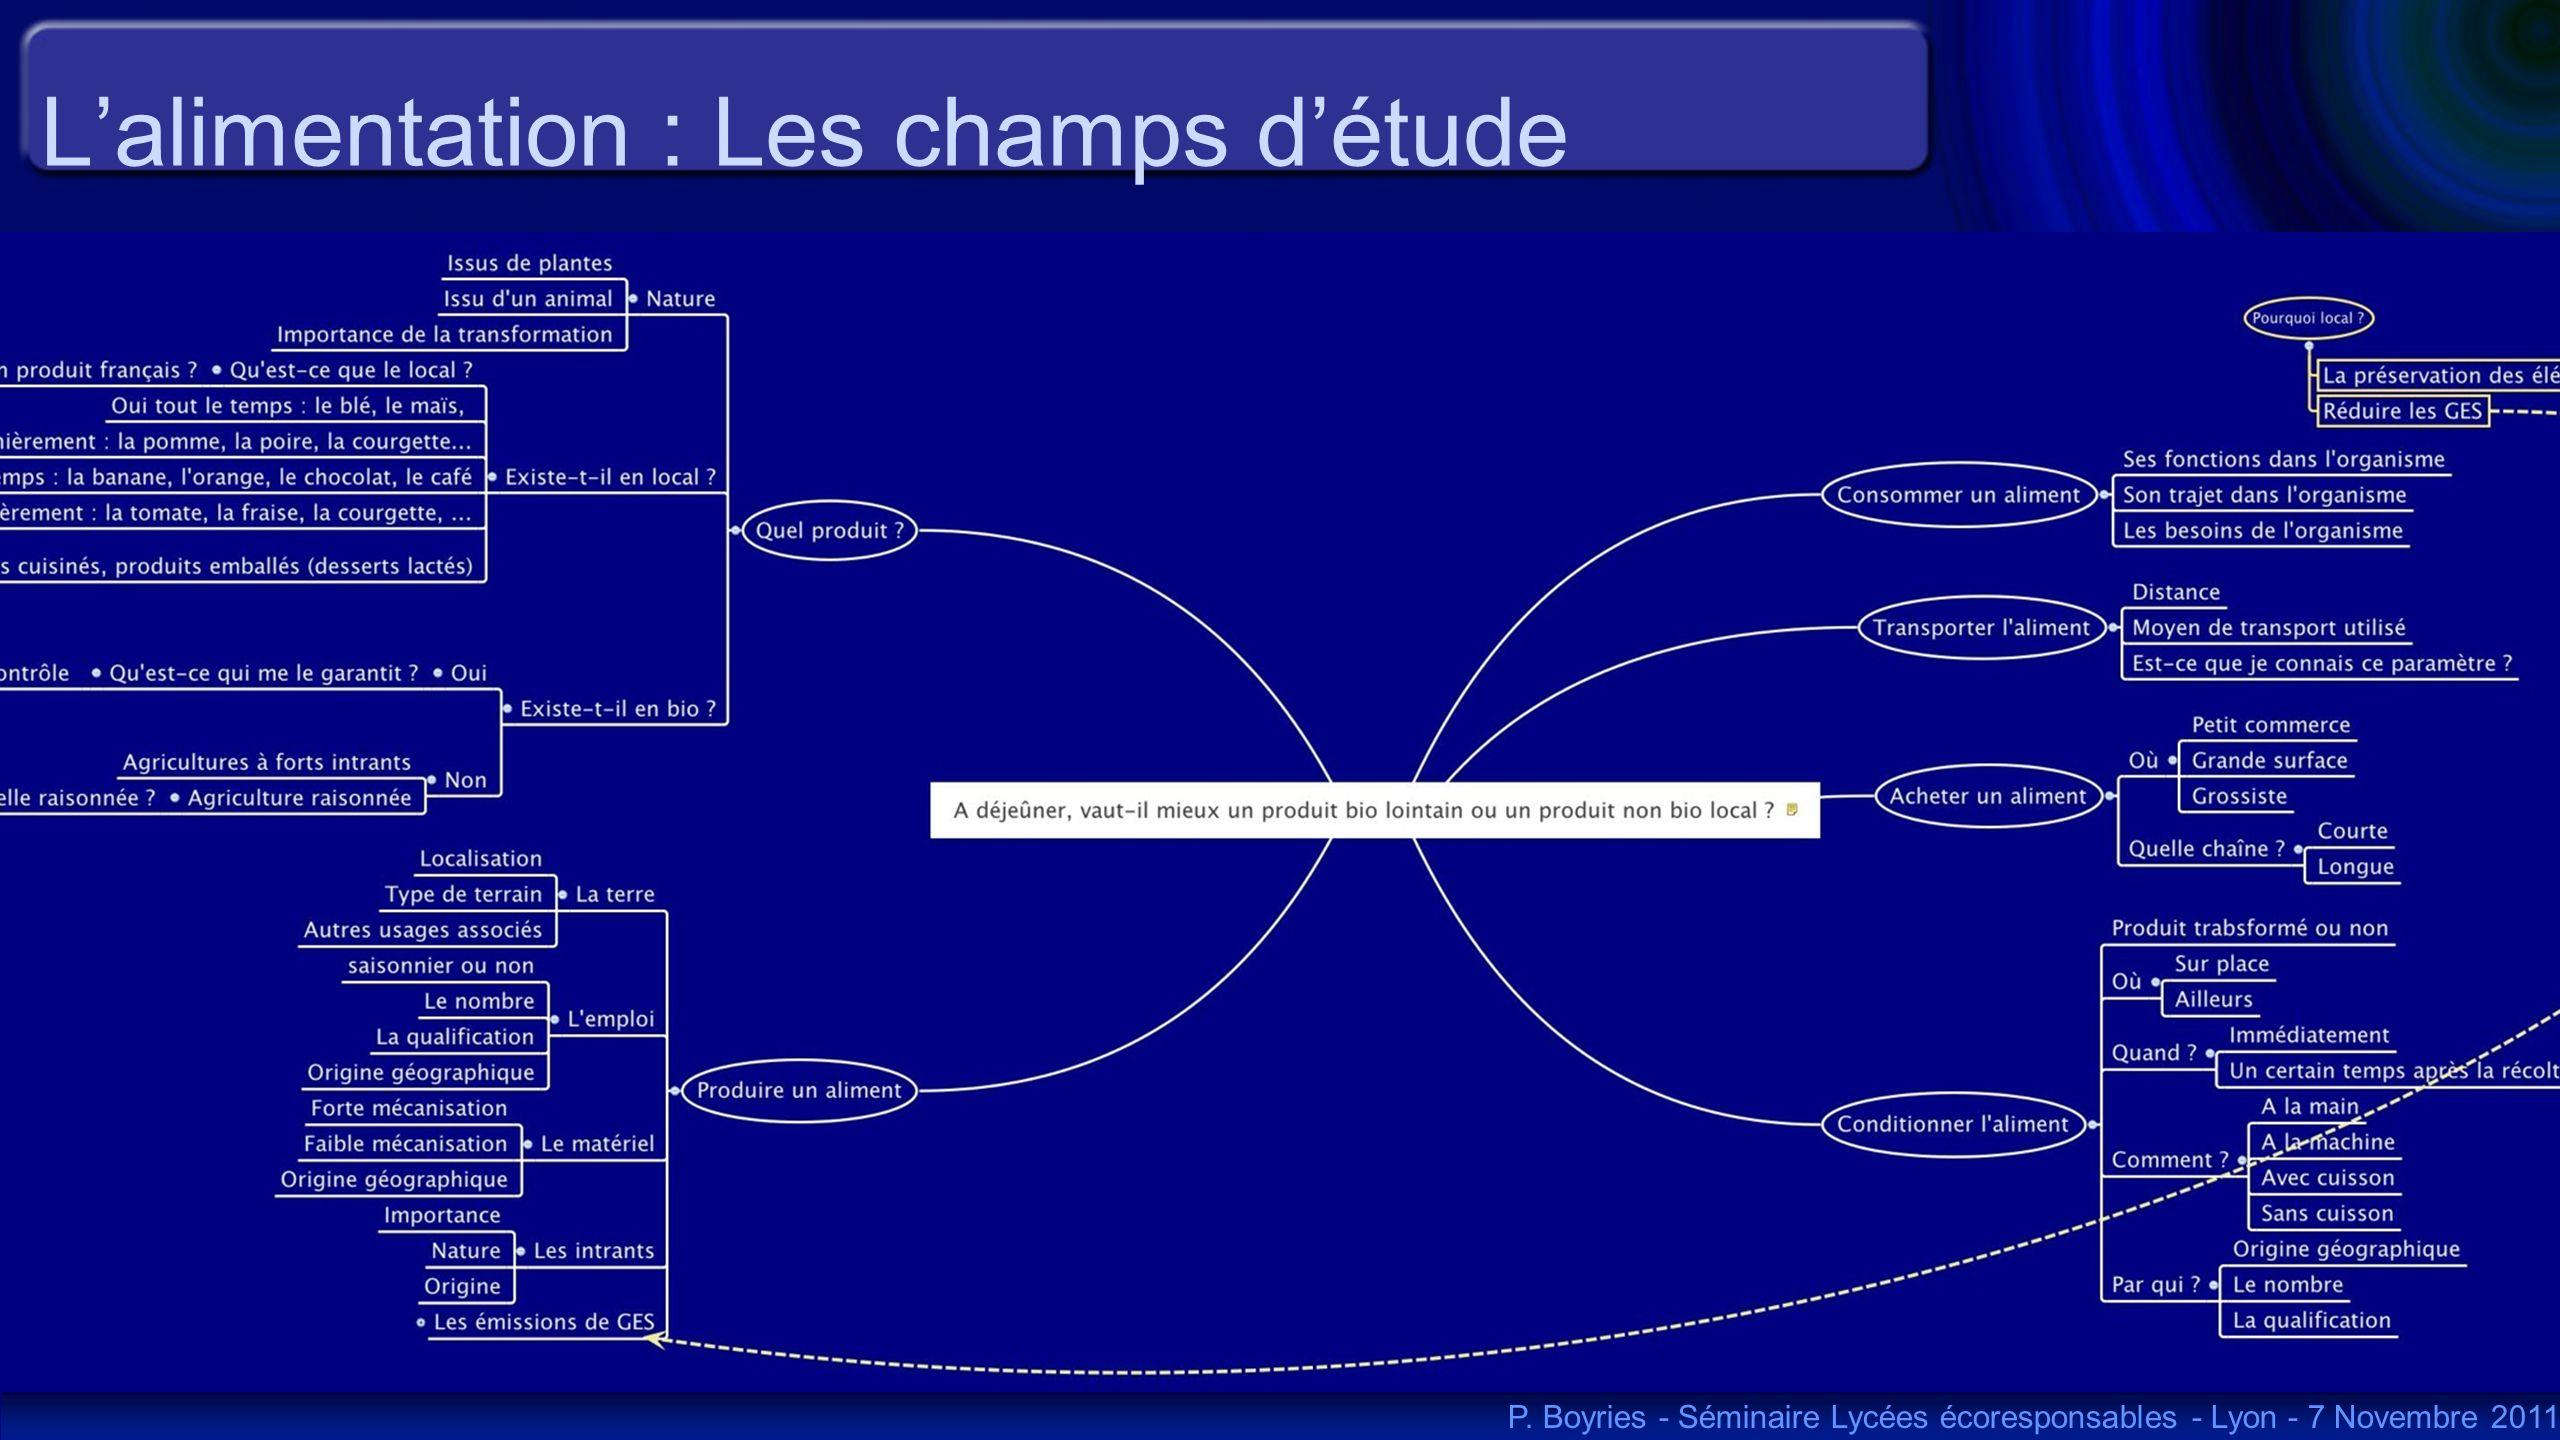 Lalimentation : Les champs détude P. Boyries - Séminaire Lycées écoresponsables - Lyon - 7 Novembre 2011